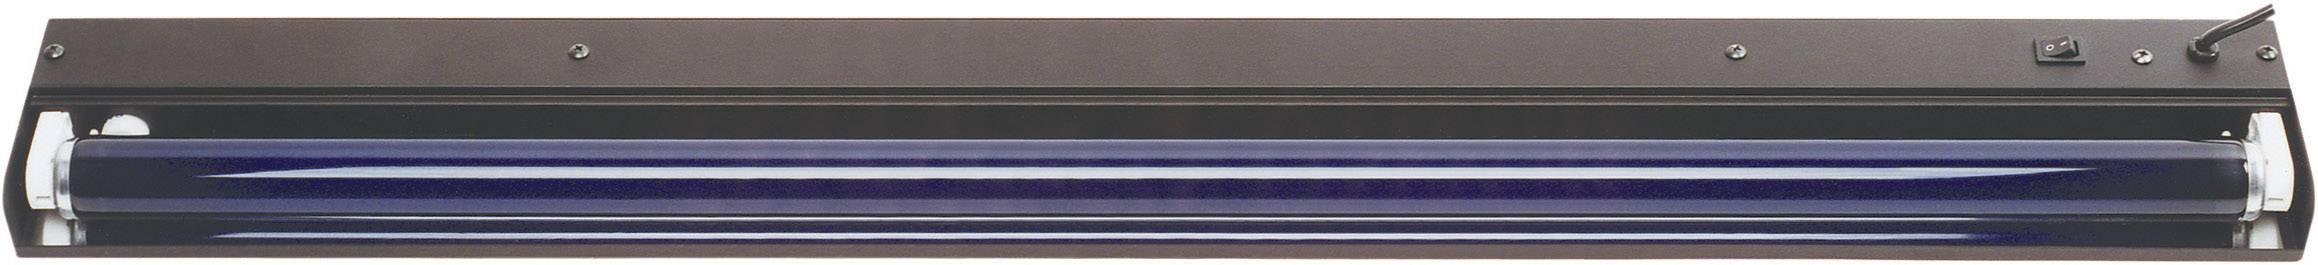 UV svietidlo so žiarivkou, sada 60cm metall 51101510, 60 cm, 18 W, čierna